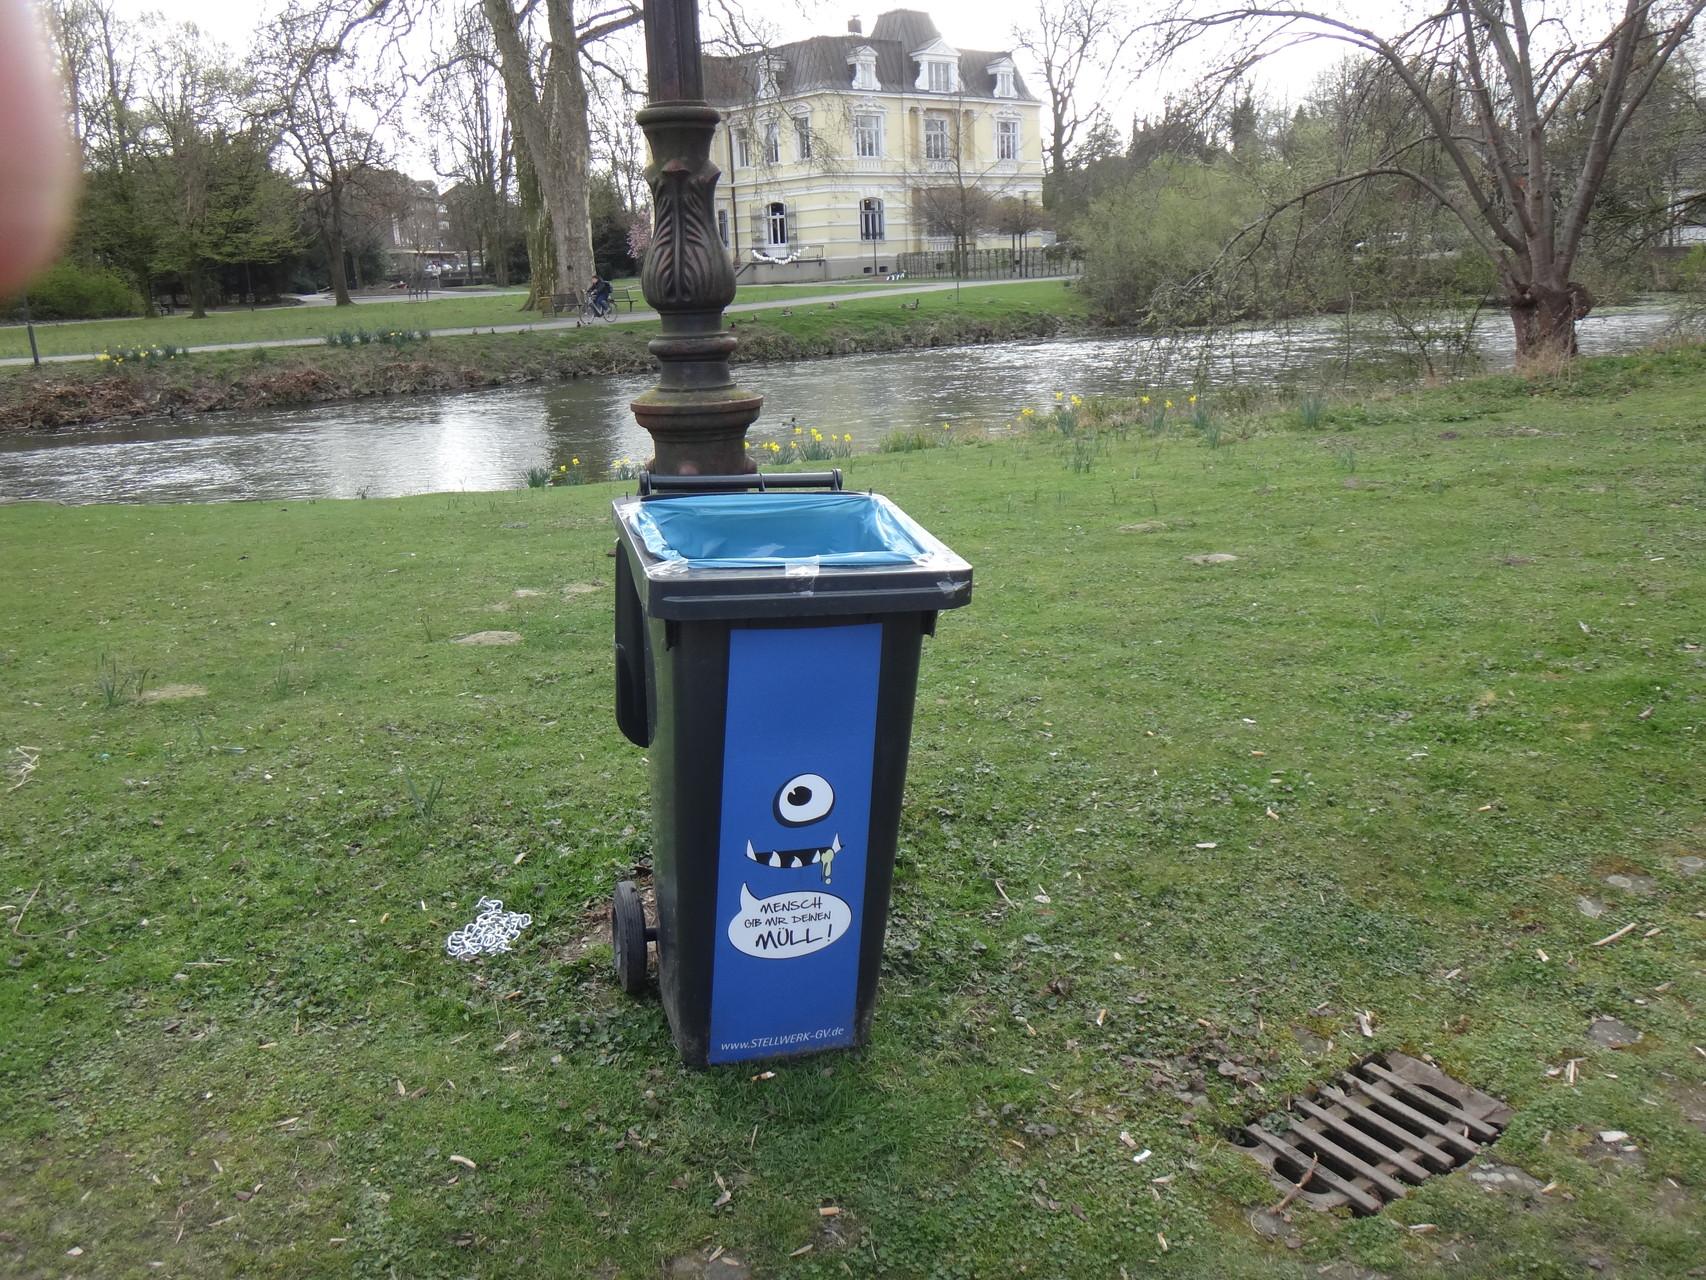 Stellwerk-Müllfresser auf der Stadtparkinsel im Stand by Modus